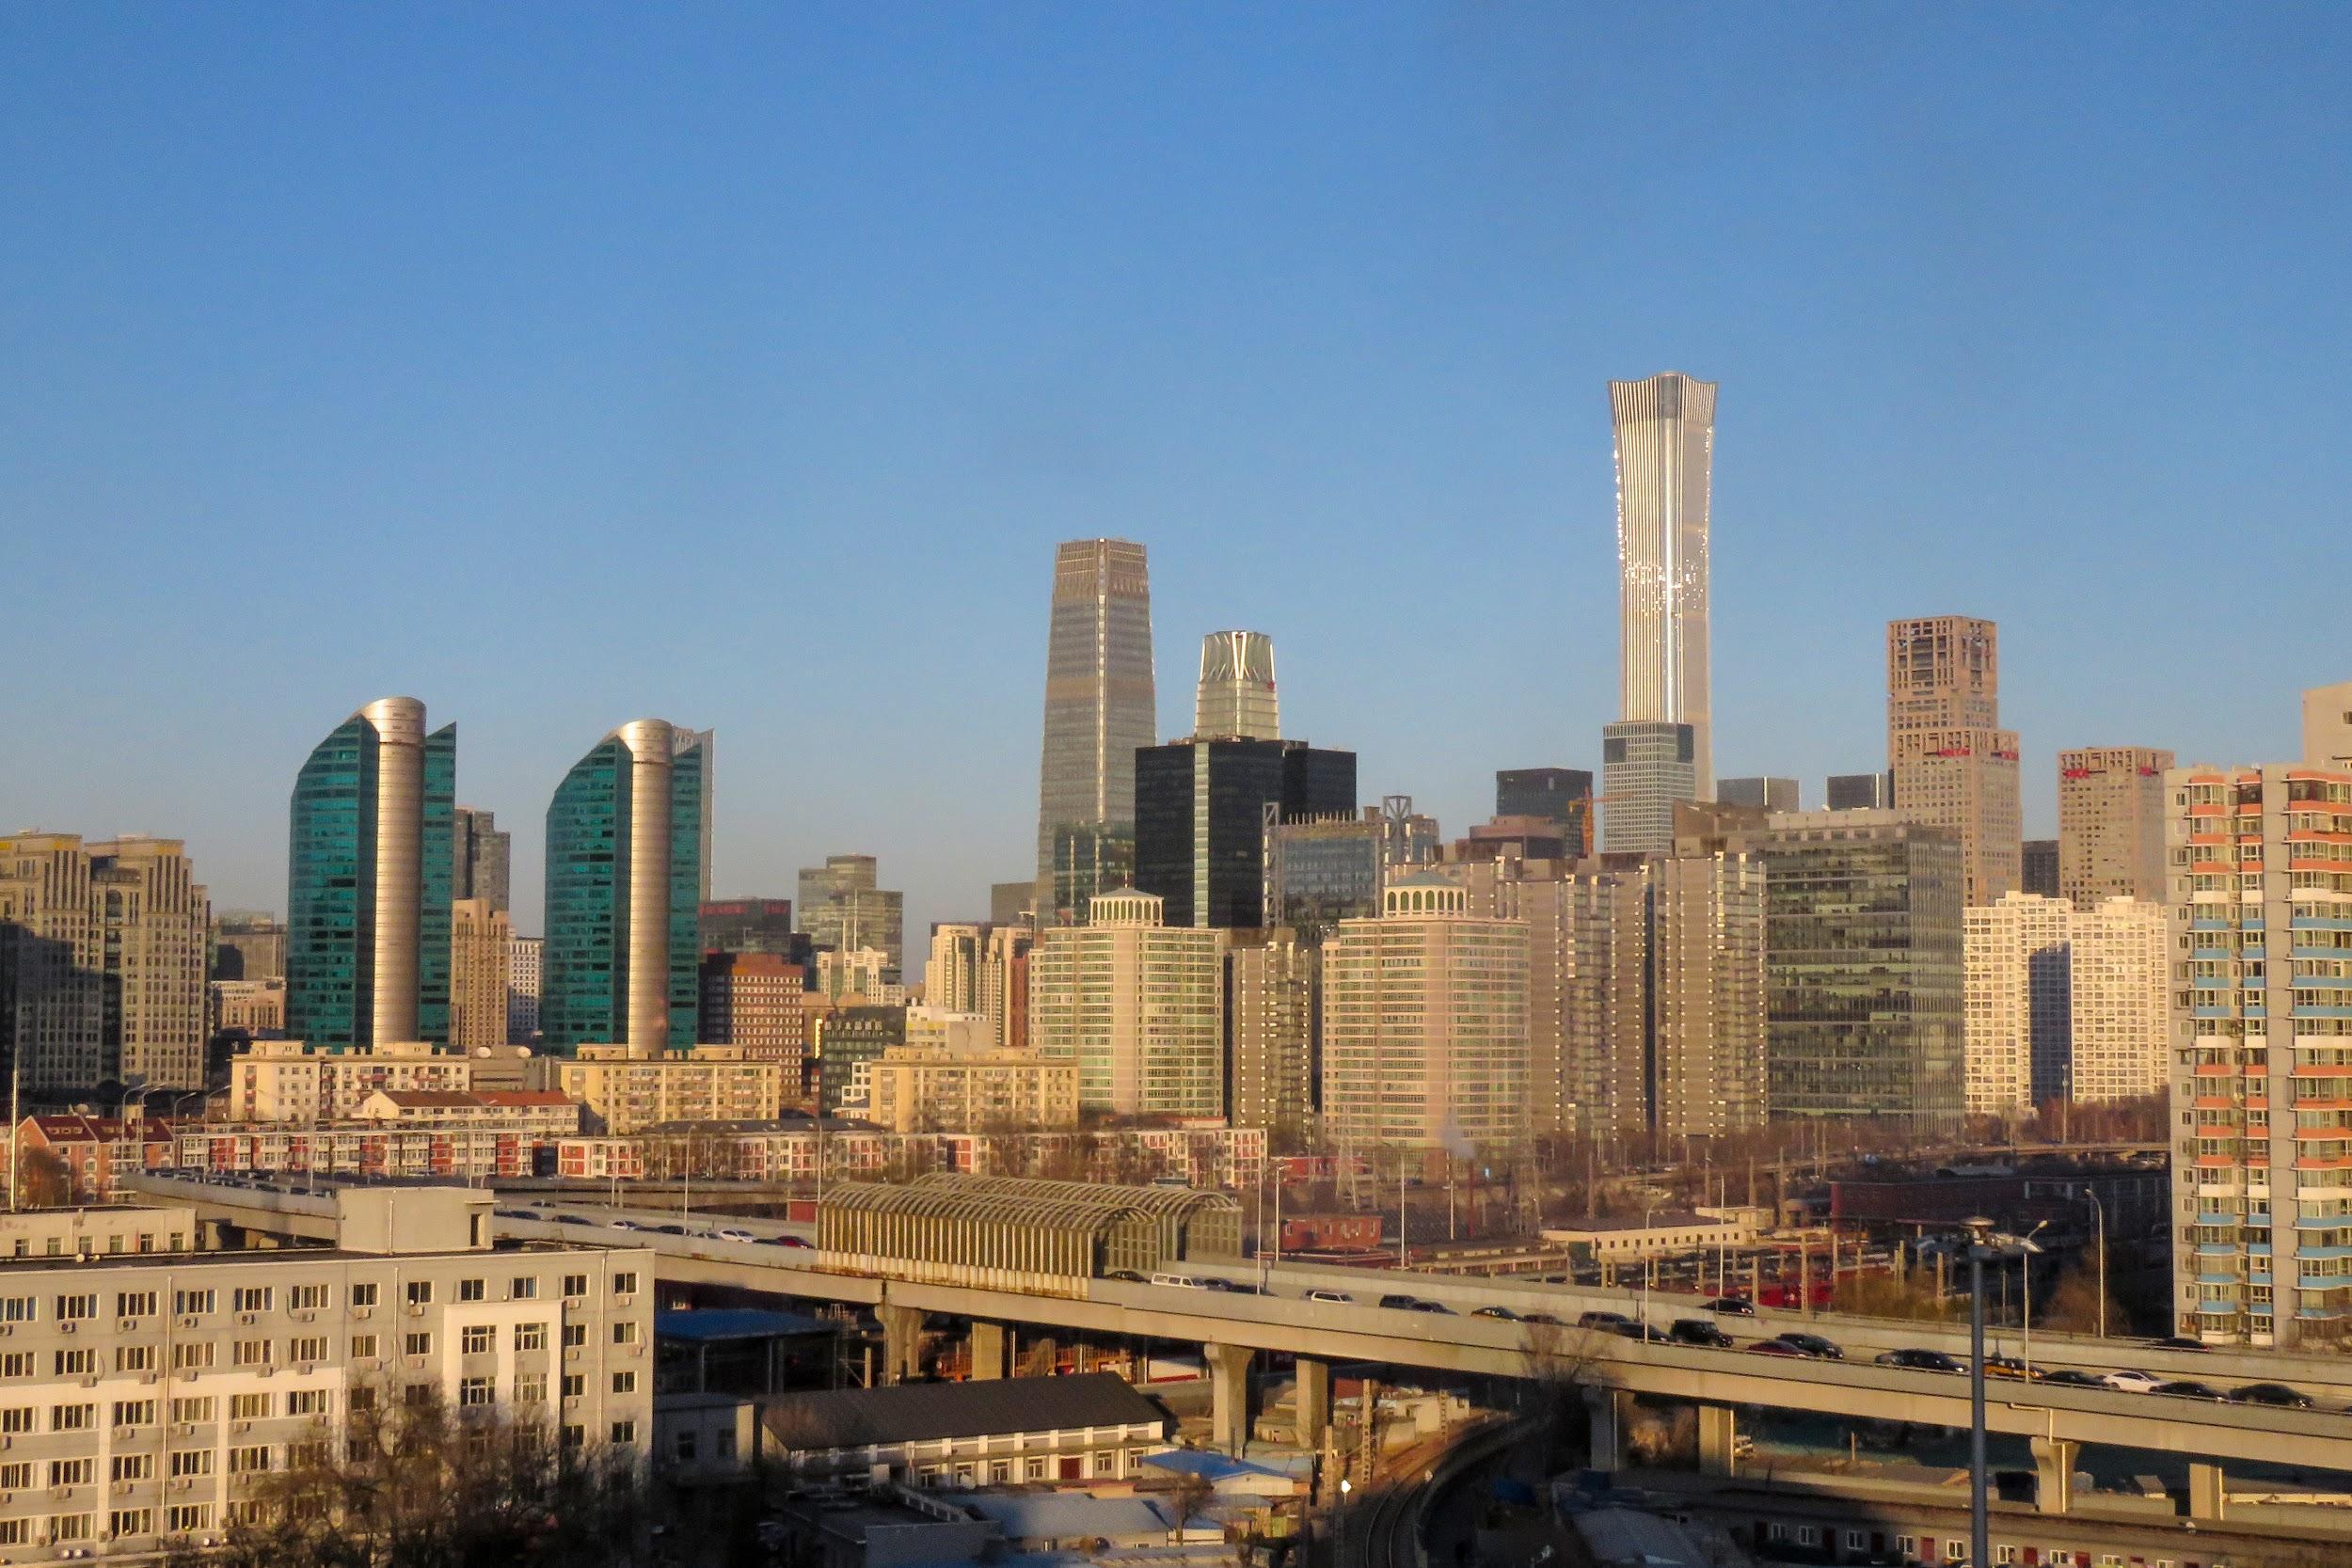 Best Way to Visit the Forbidden City in Beijing